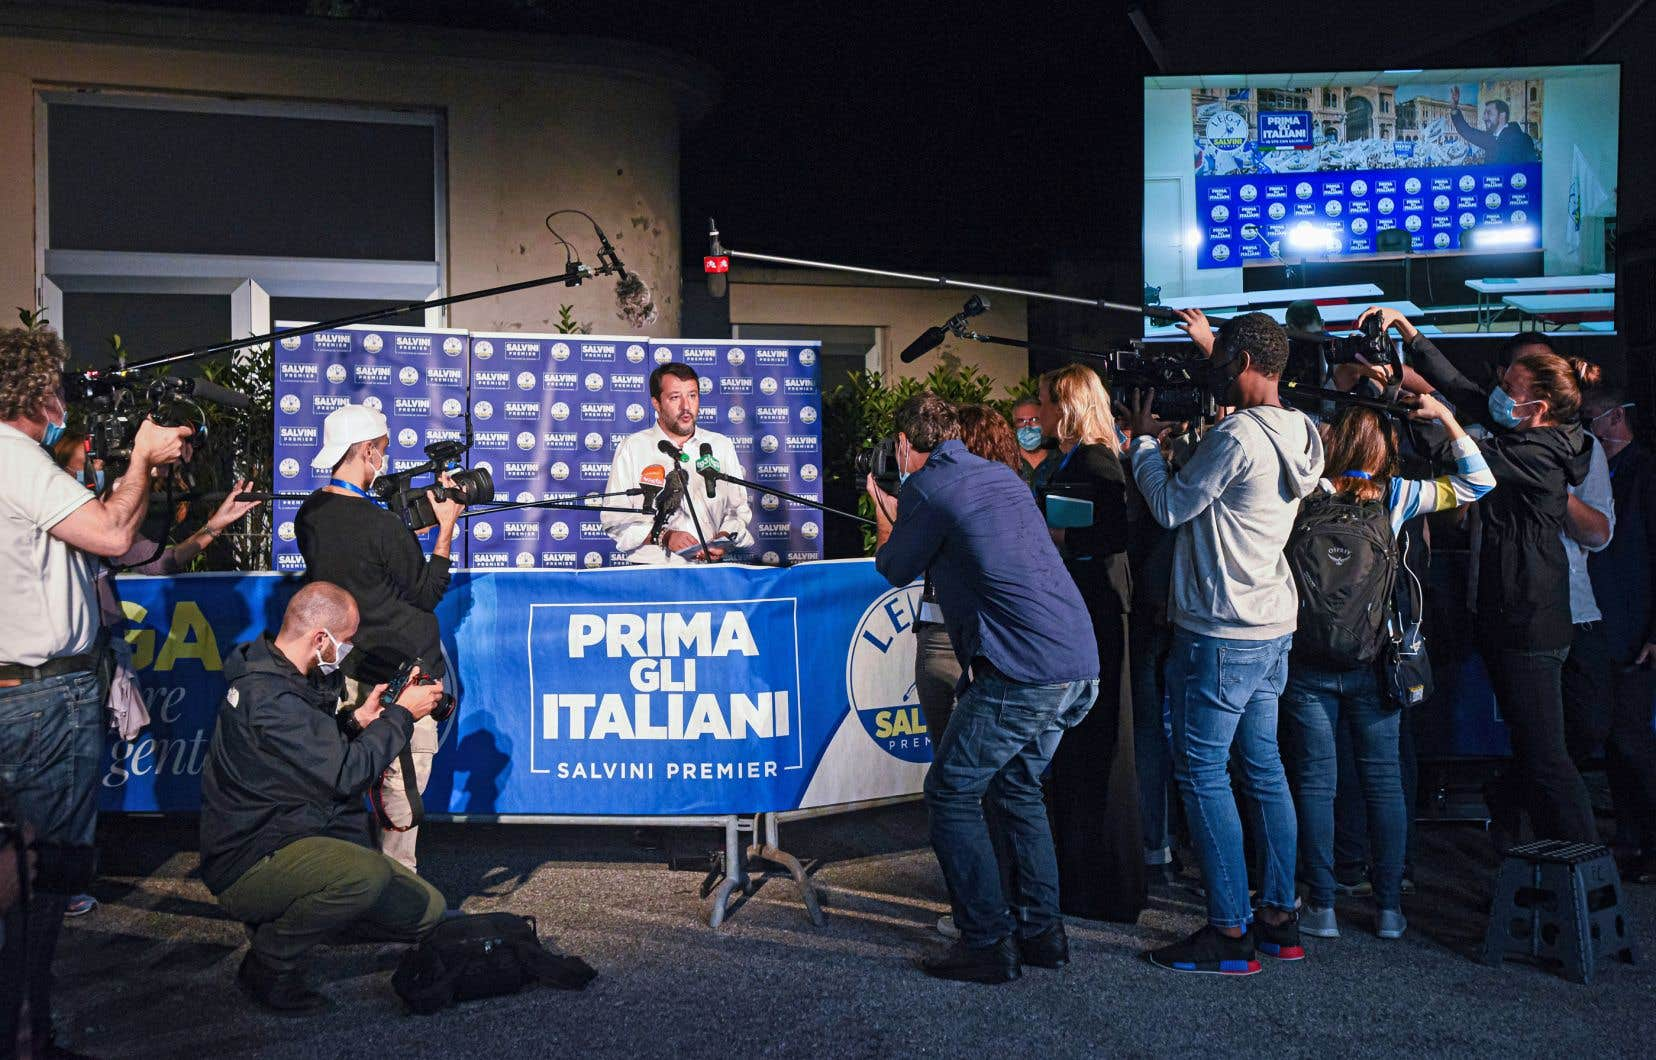 Les élections régionales constituaient aussi un test de popularité chez les ténors de l'extrême droite: Matteo Salvini, l'ancien ministre de l'Intérieur qui cherche à conserver son leadership contesté à la droite de la droite, et la cheffe de Fratelli d'Italia, Giorgia Meloni, qui a fortement progressé cet été dans les sondages.